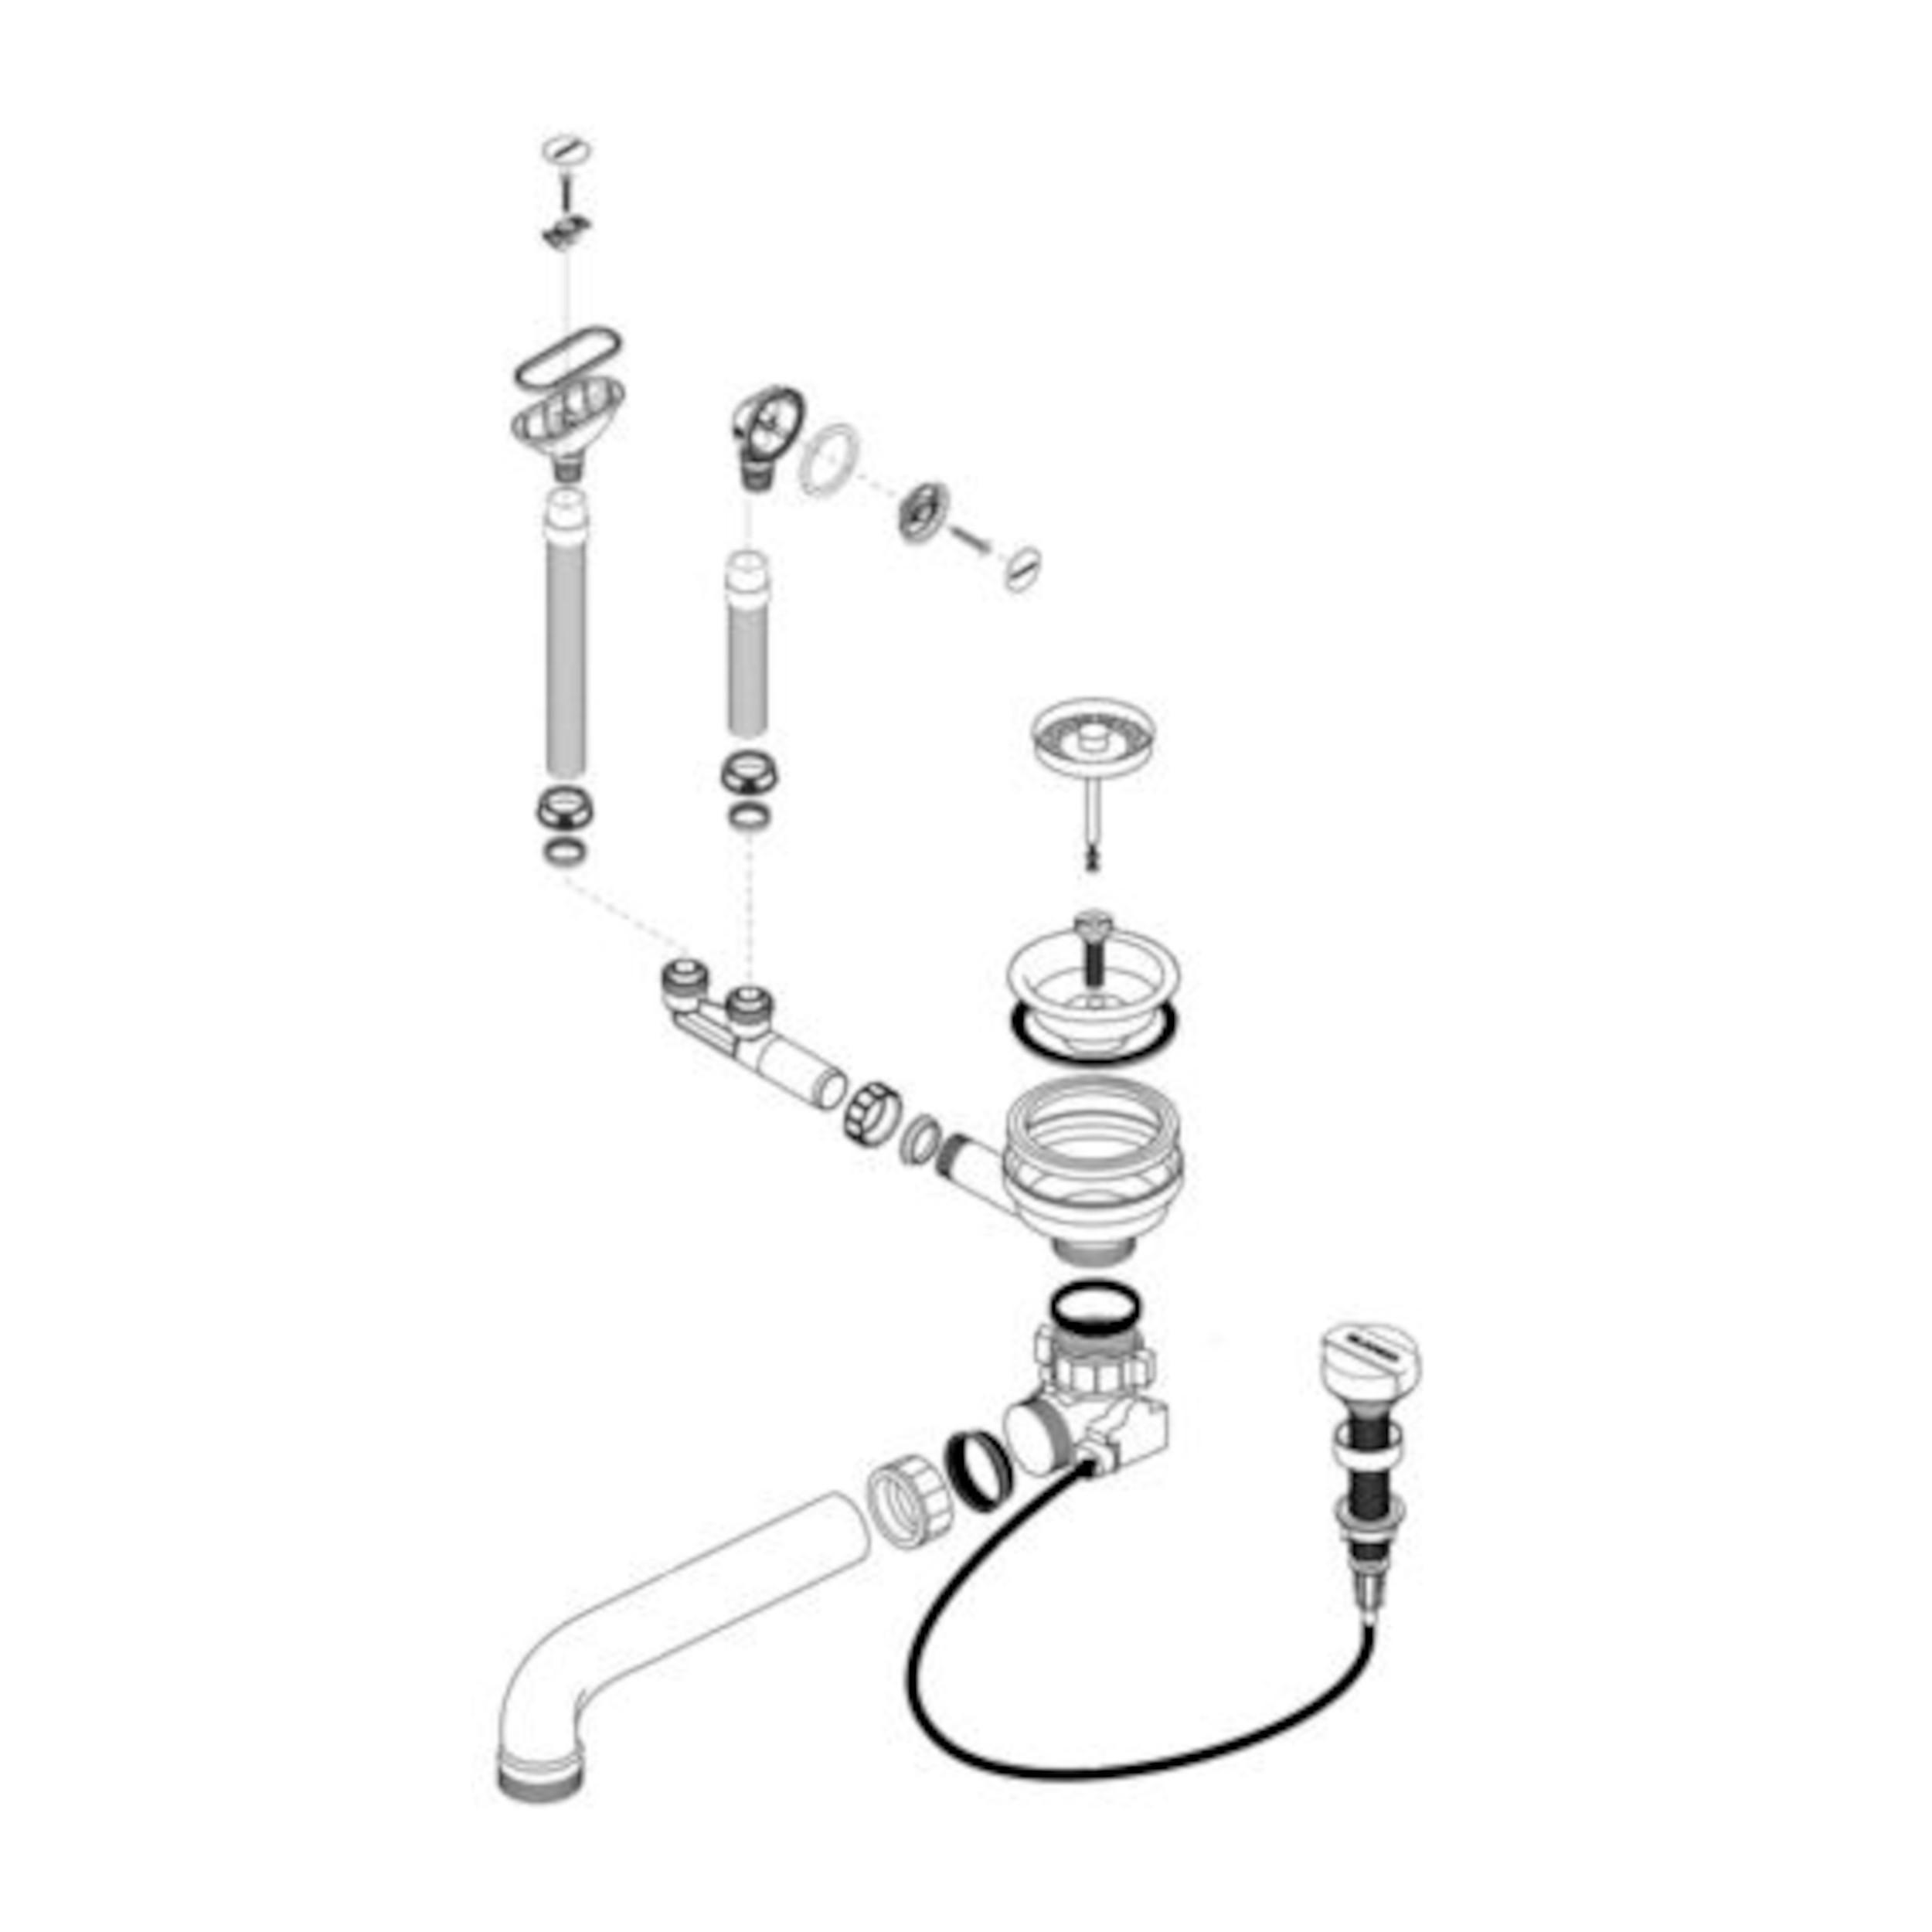 BLANCO Ablaufgarnitur 1 x 3,5'' mit Ablauffernbedienung 2 x C-overflow rund modernes Sieb 230400